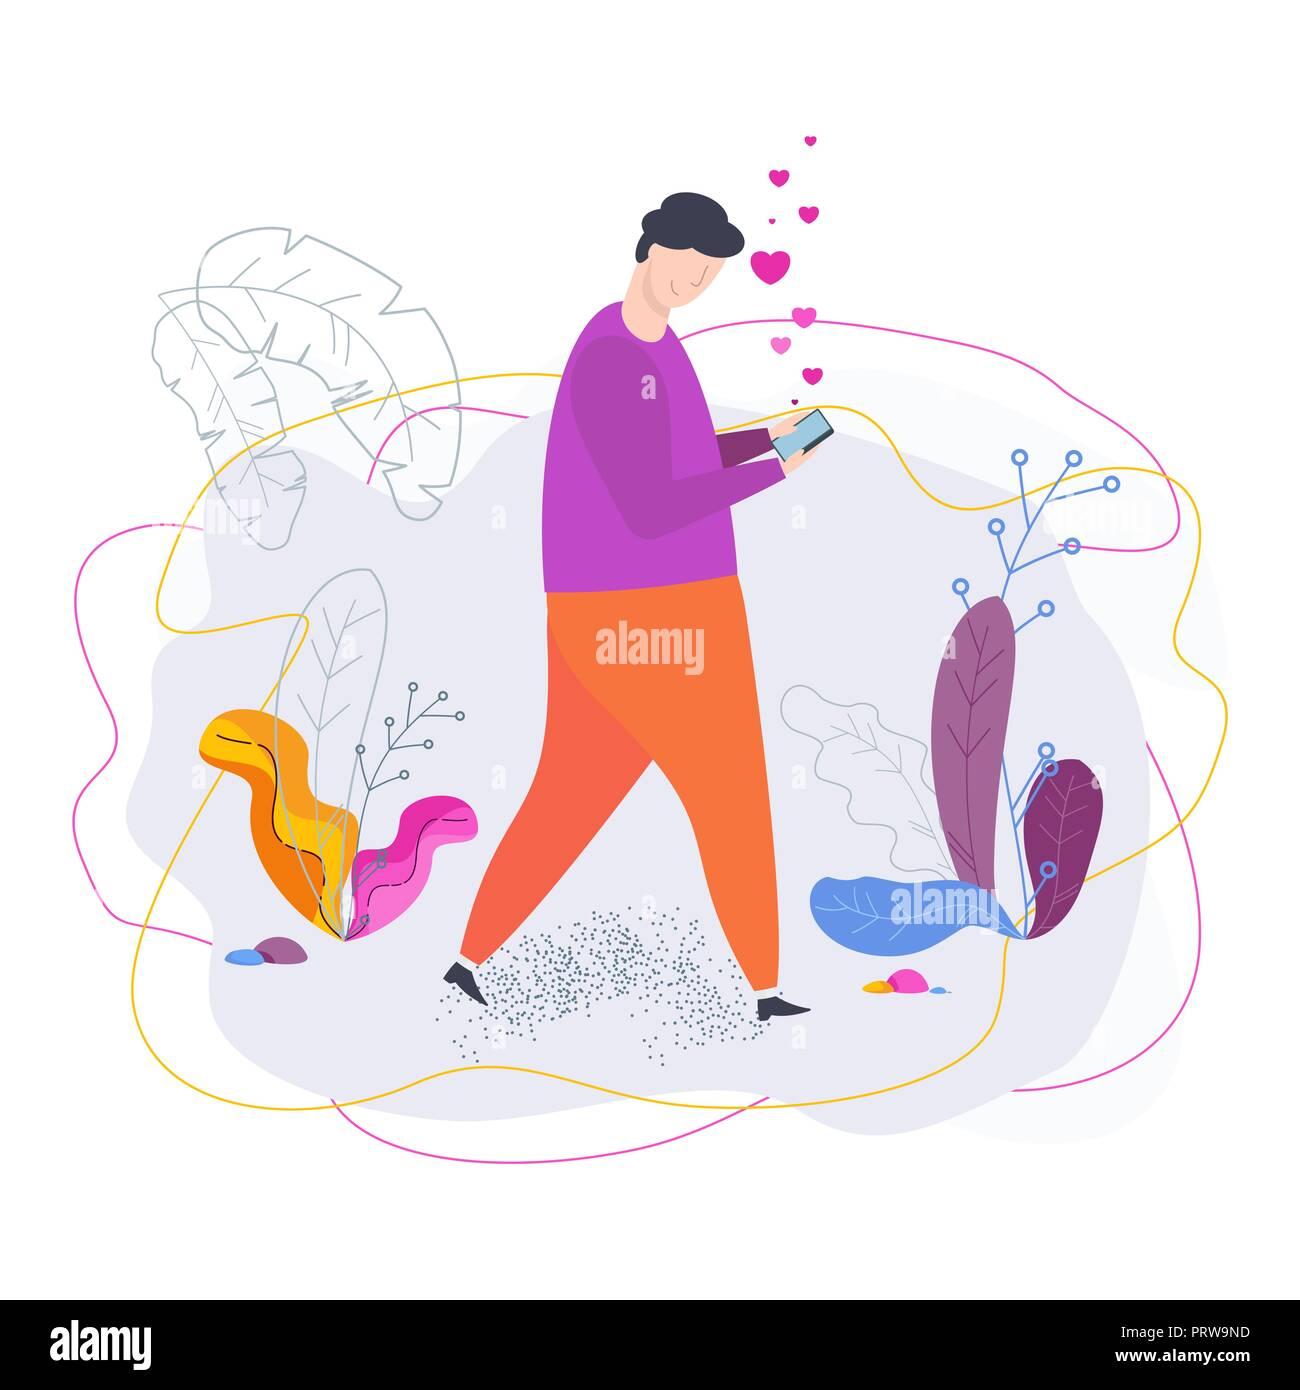 Jeune homme avec le smartphone communique en rencontre chat. Photo Stock 9877691fbb3c